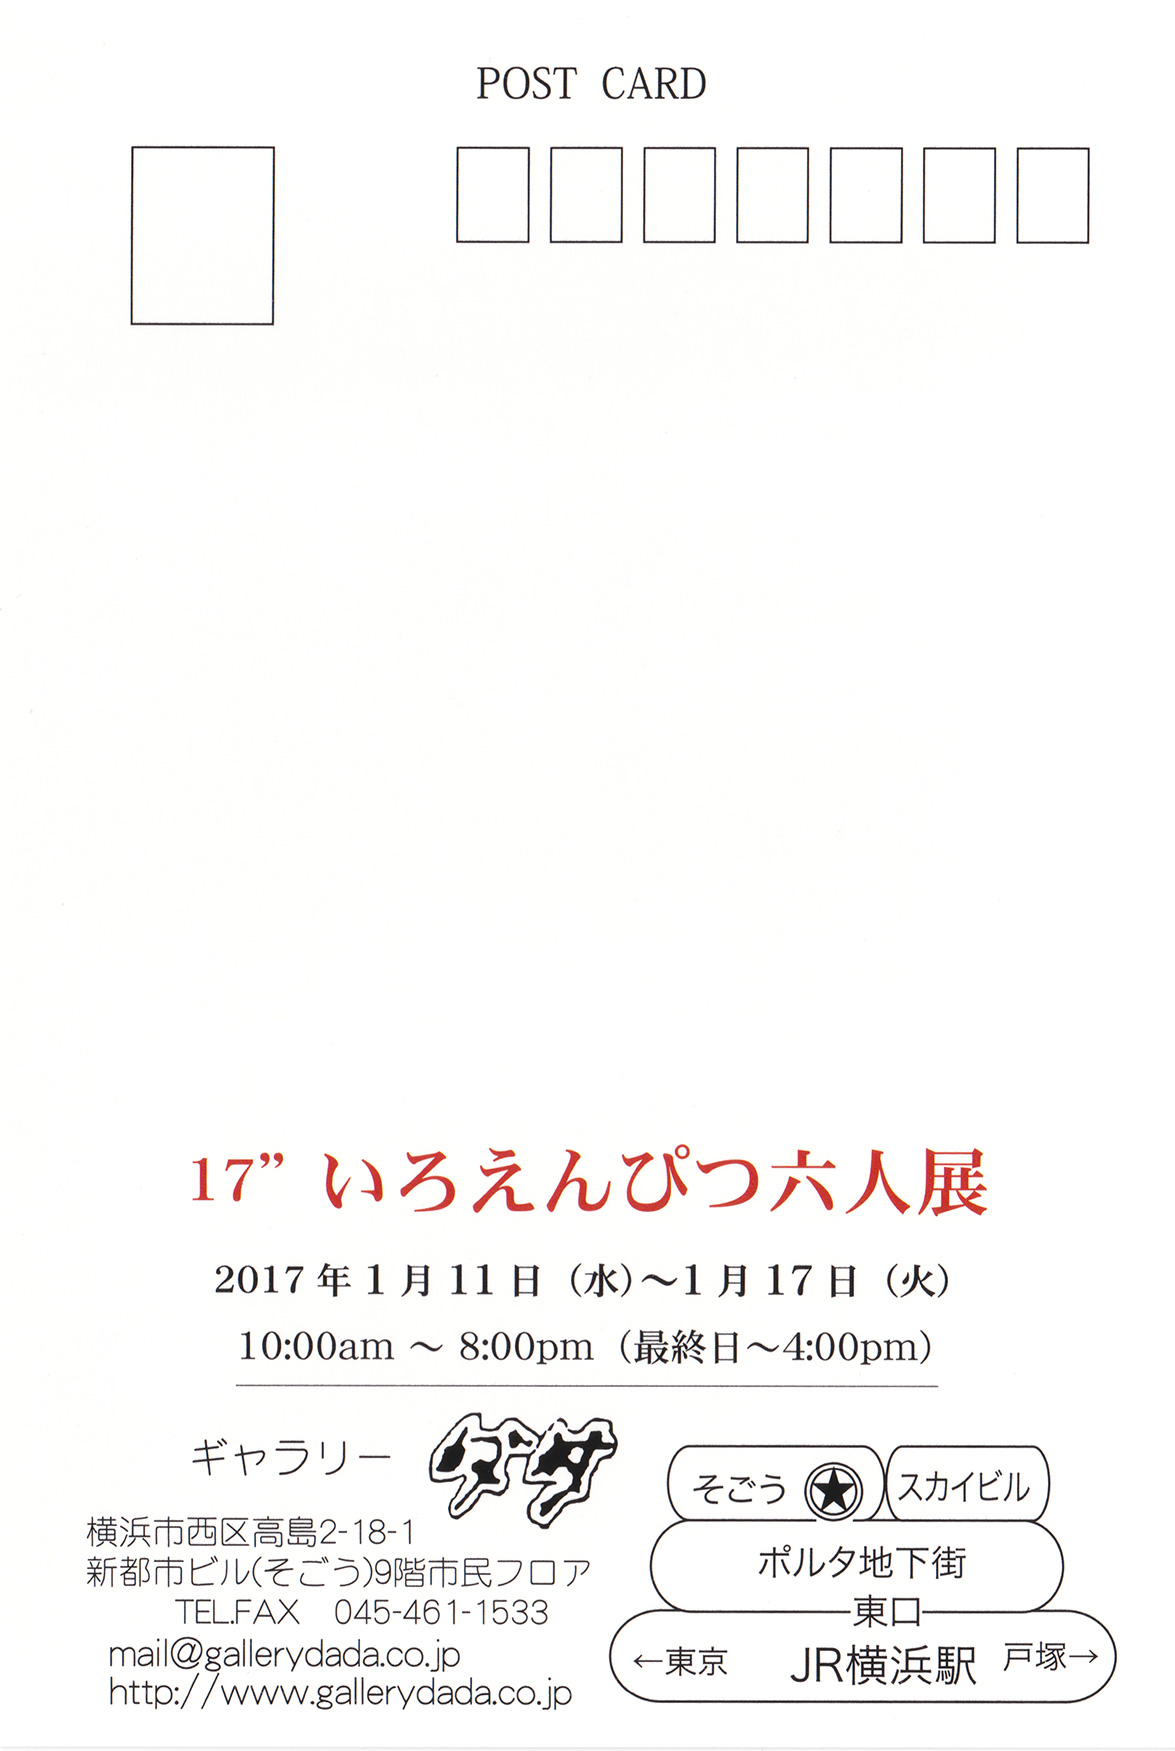 20161231_002.jpg